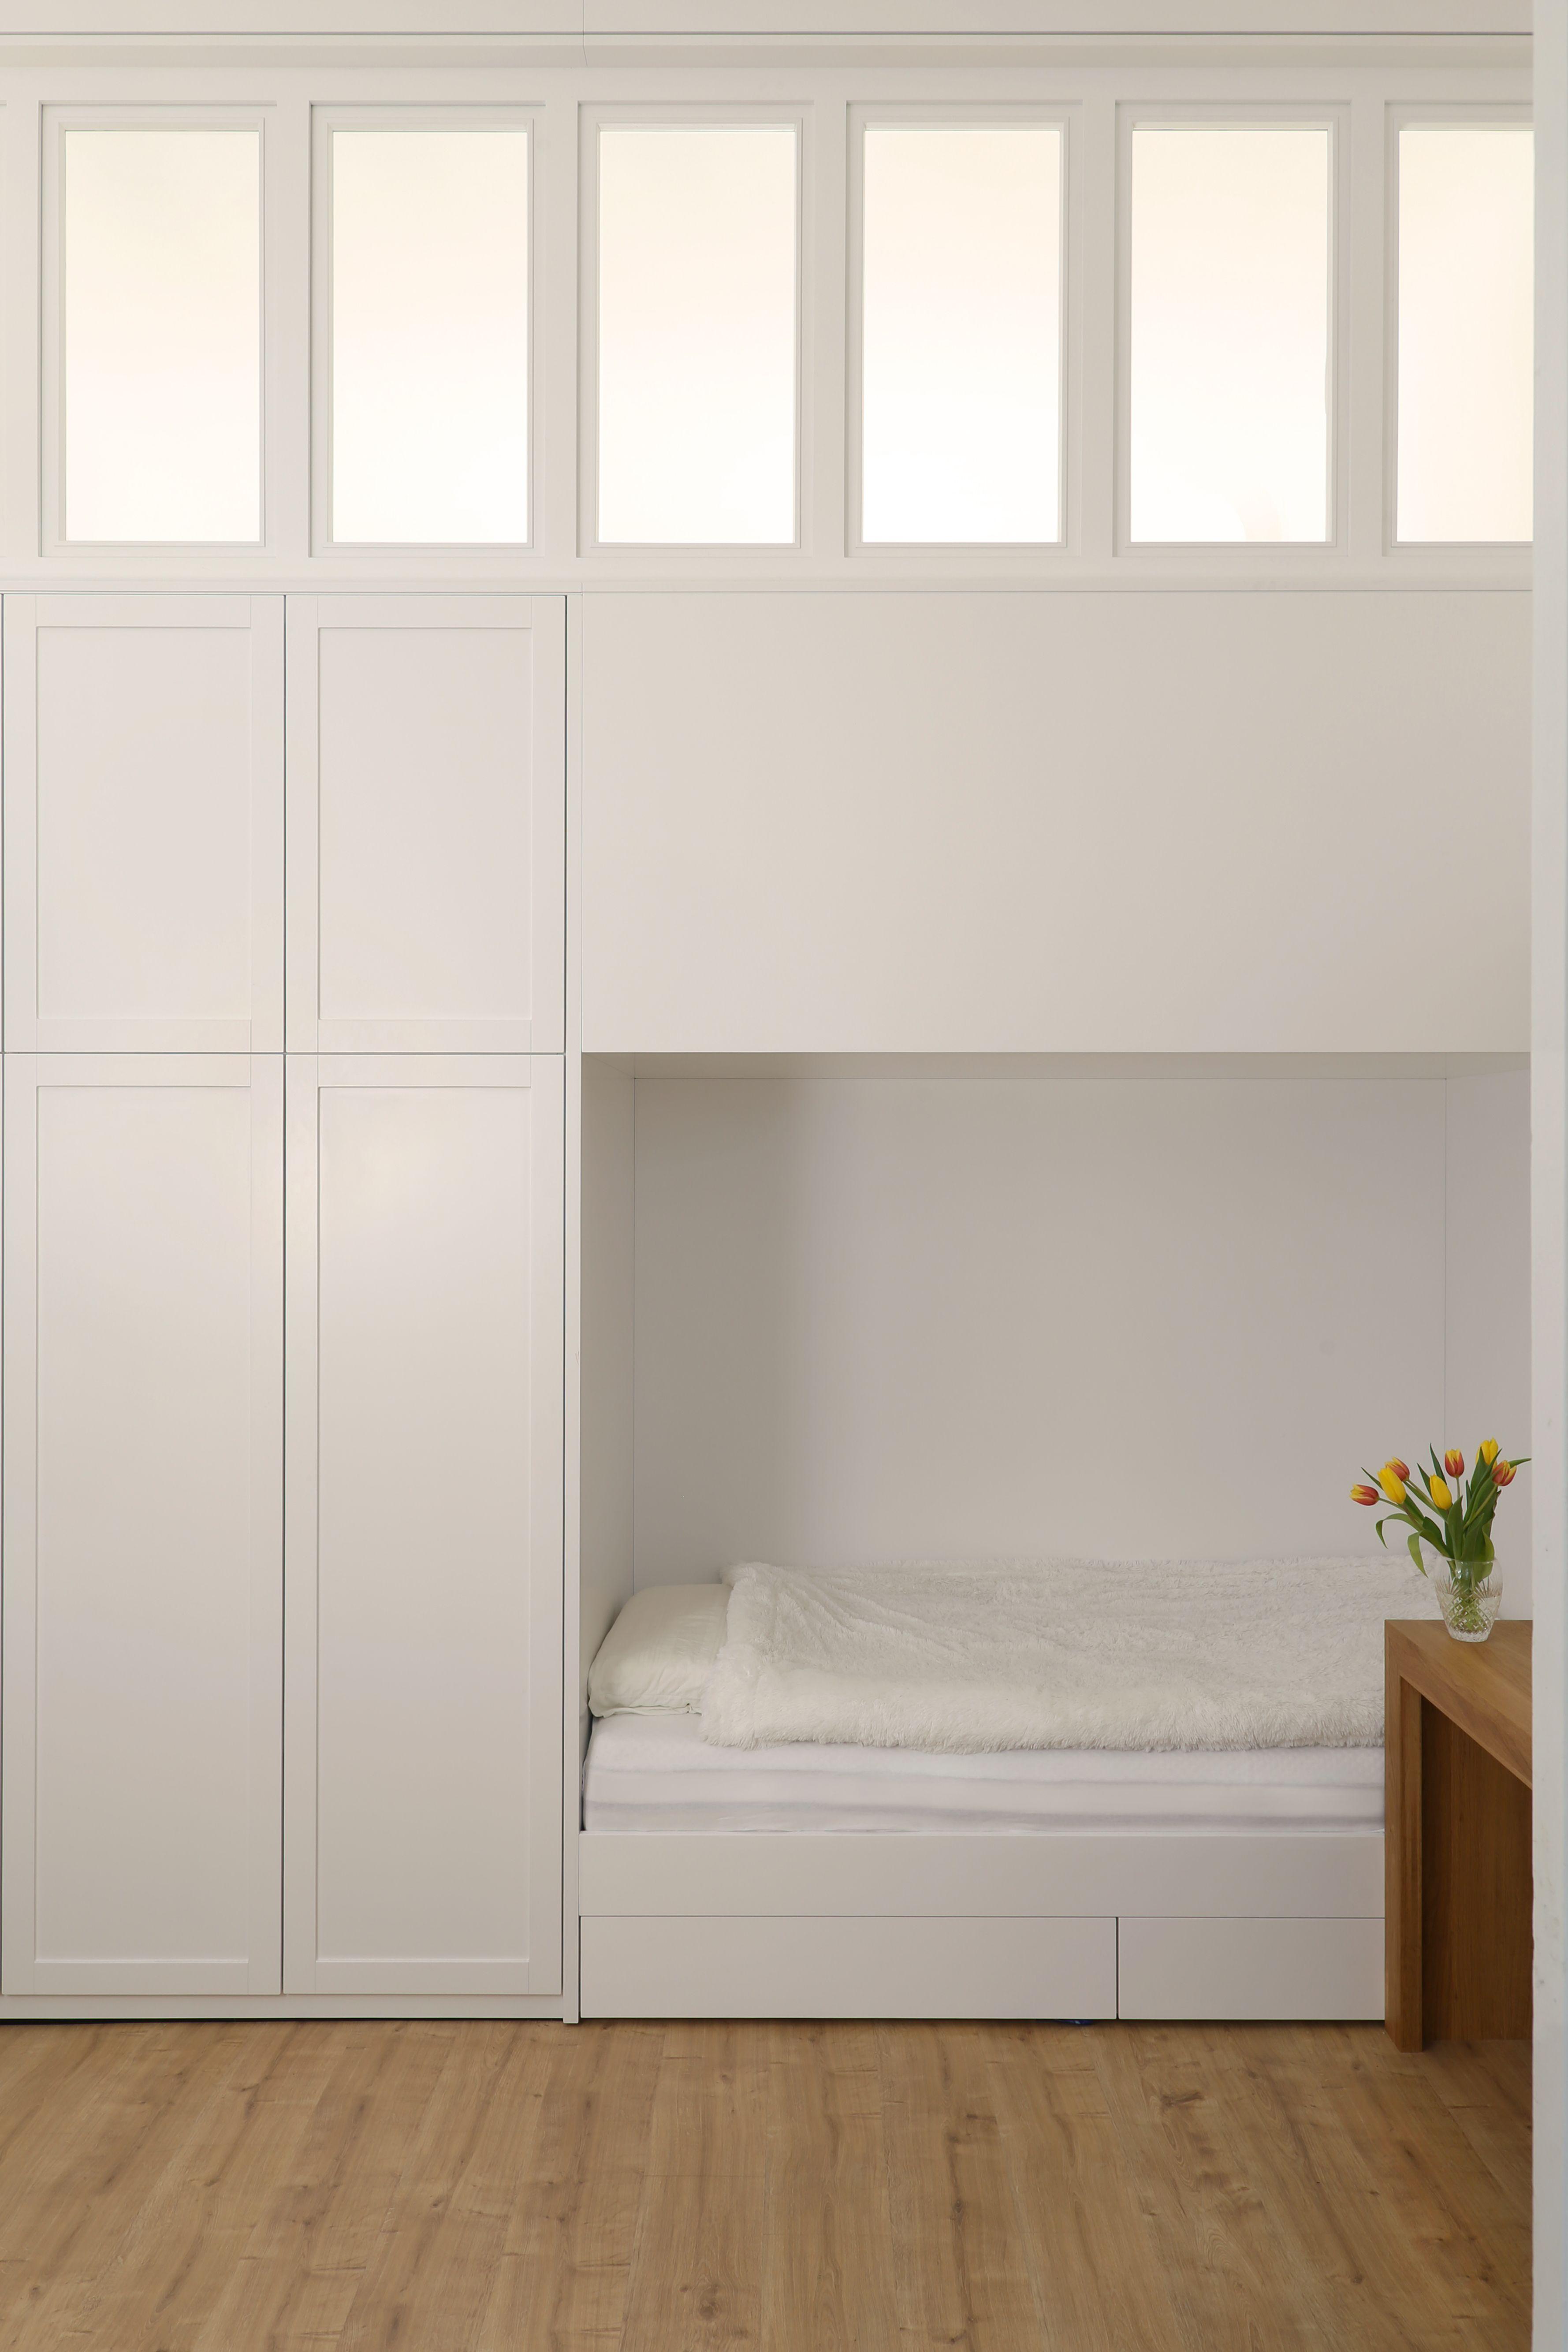 einbauschrank wei lackiert einbauschr nke regale garderoben pinterest studio. Black Bedroom Furniture Sets. Home Design Ideas